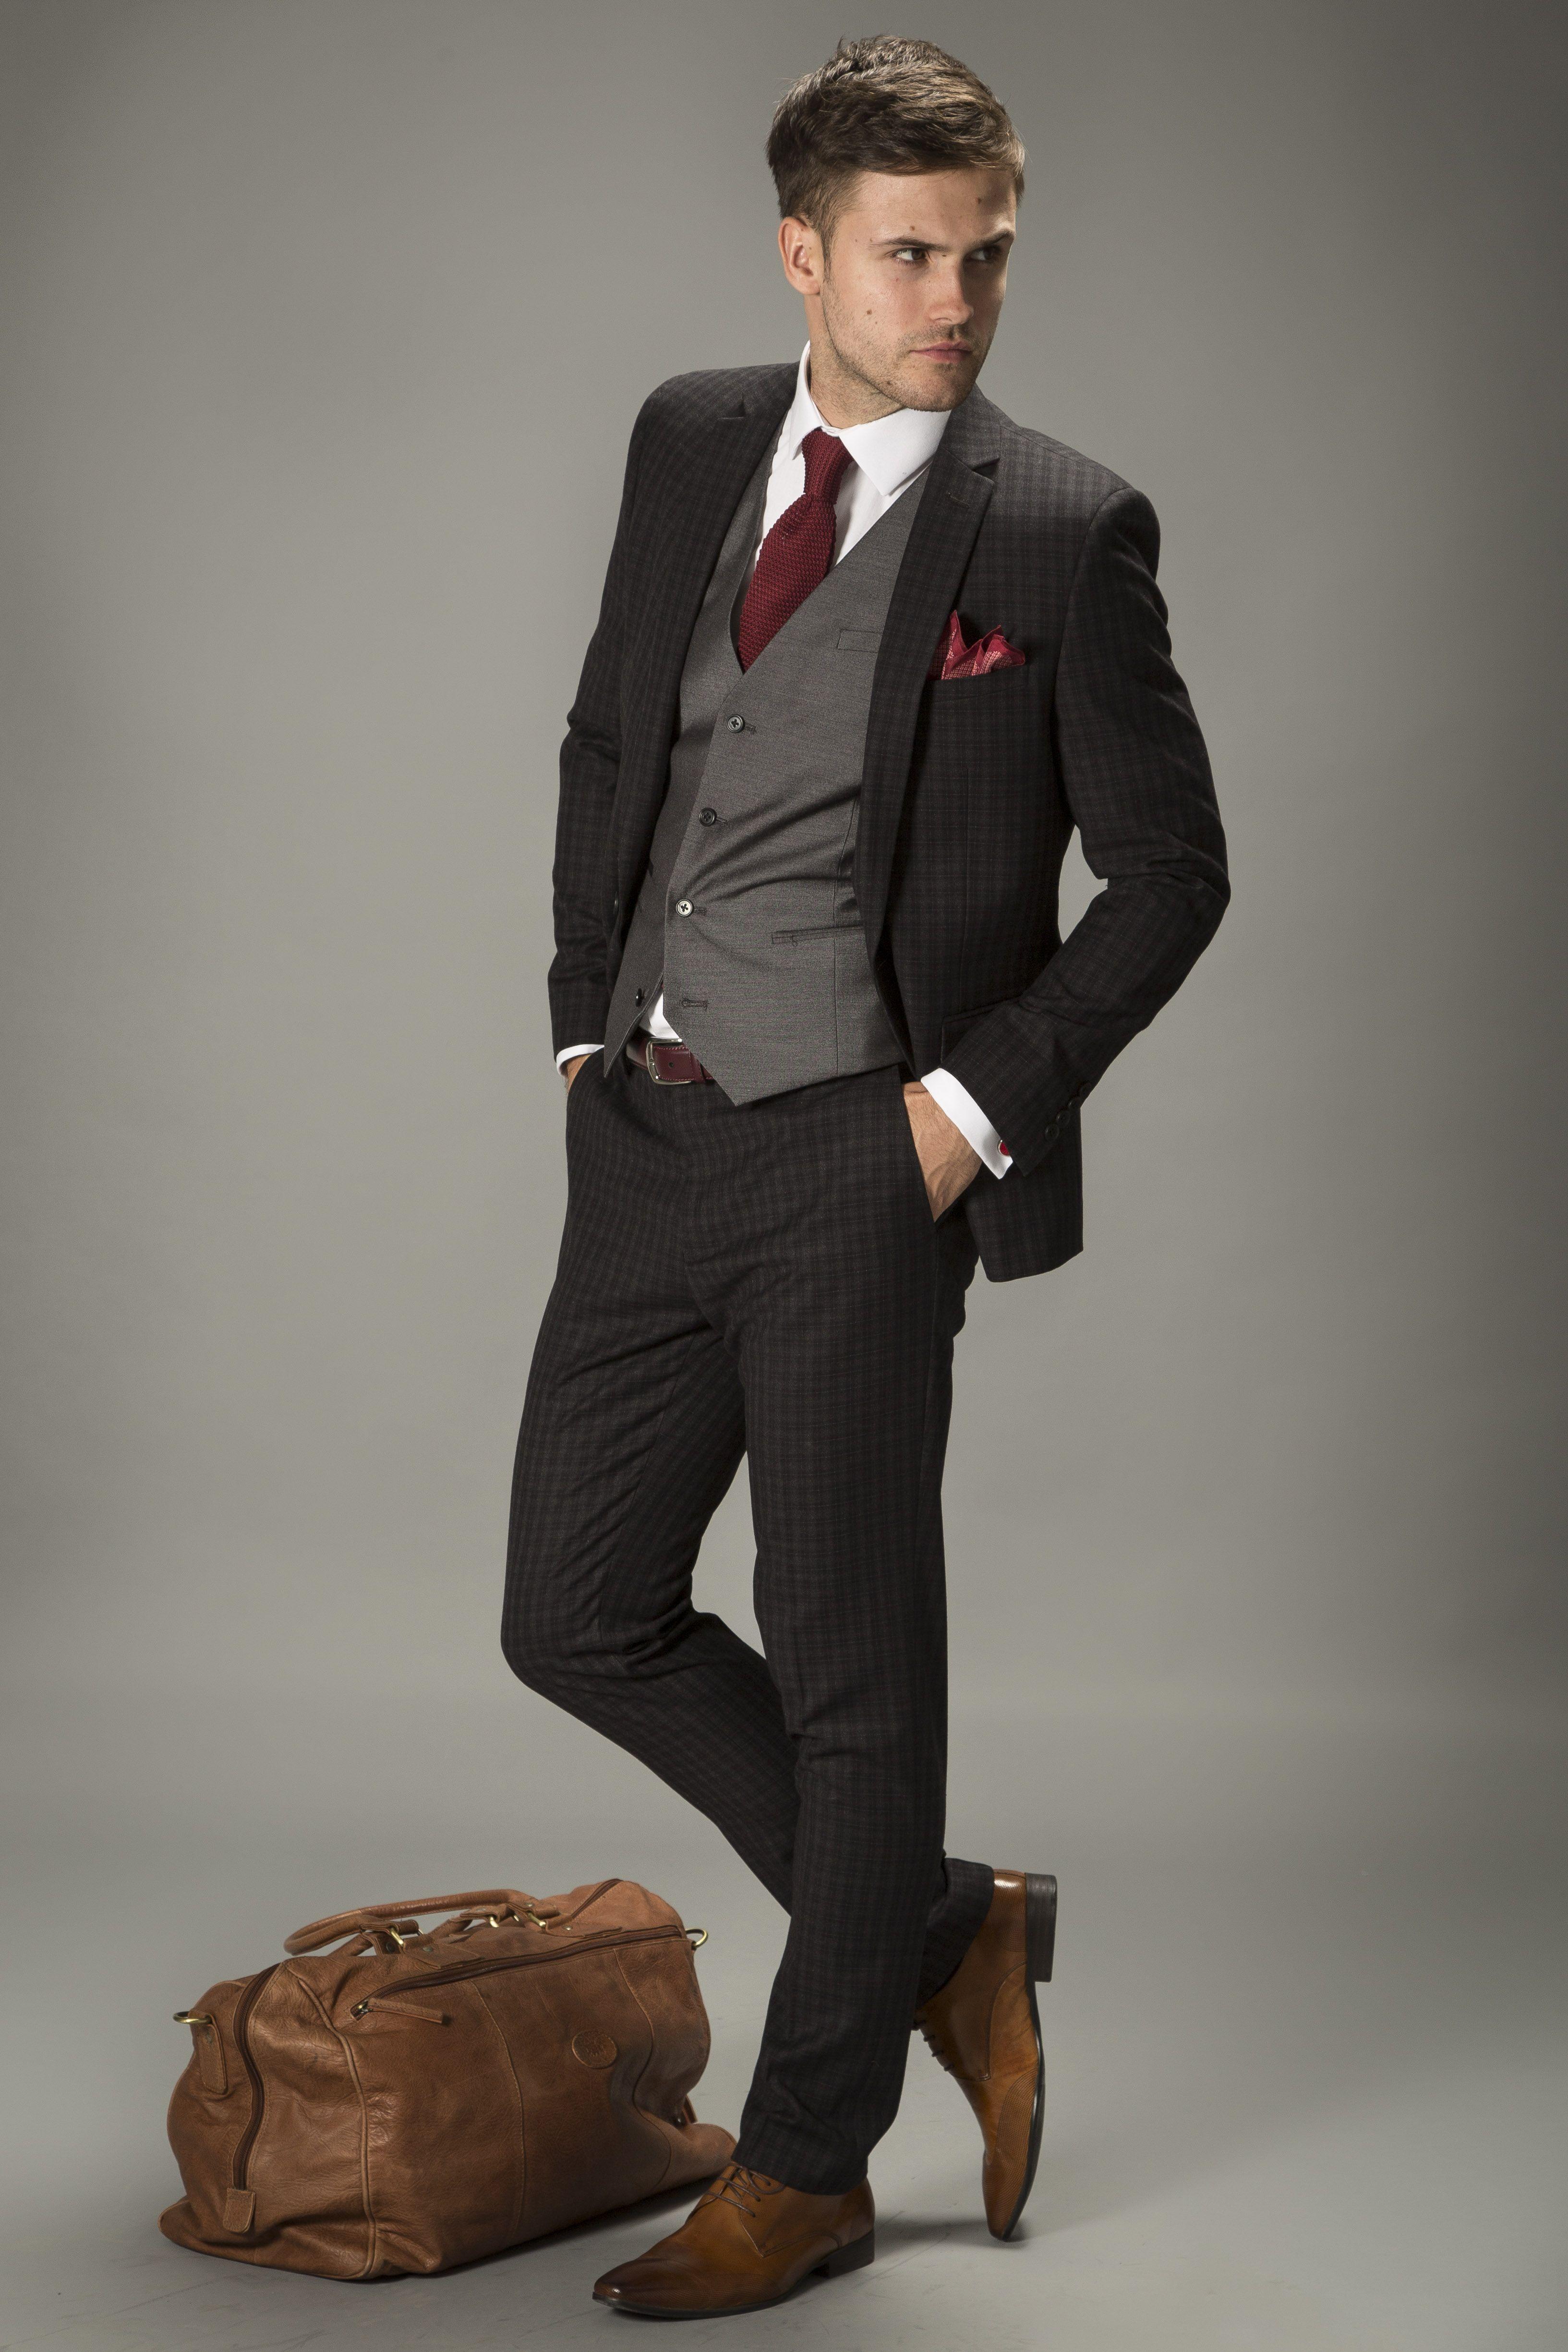 Hugo Red Hugo Boss cologne  a fragrance for men 2013